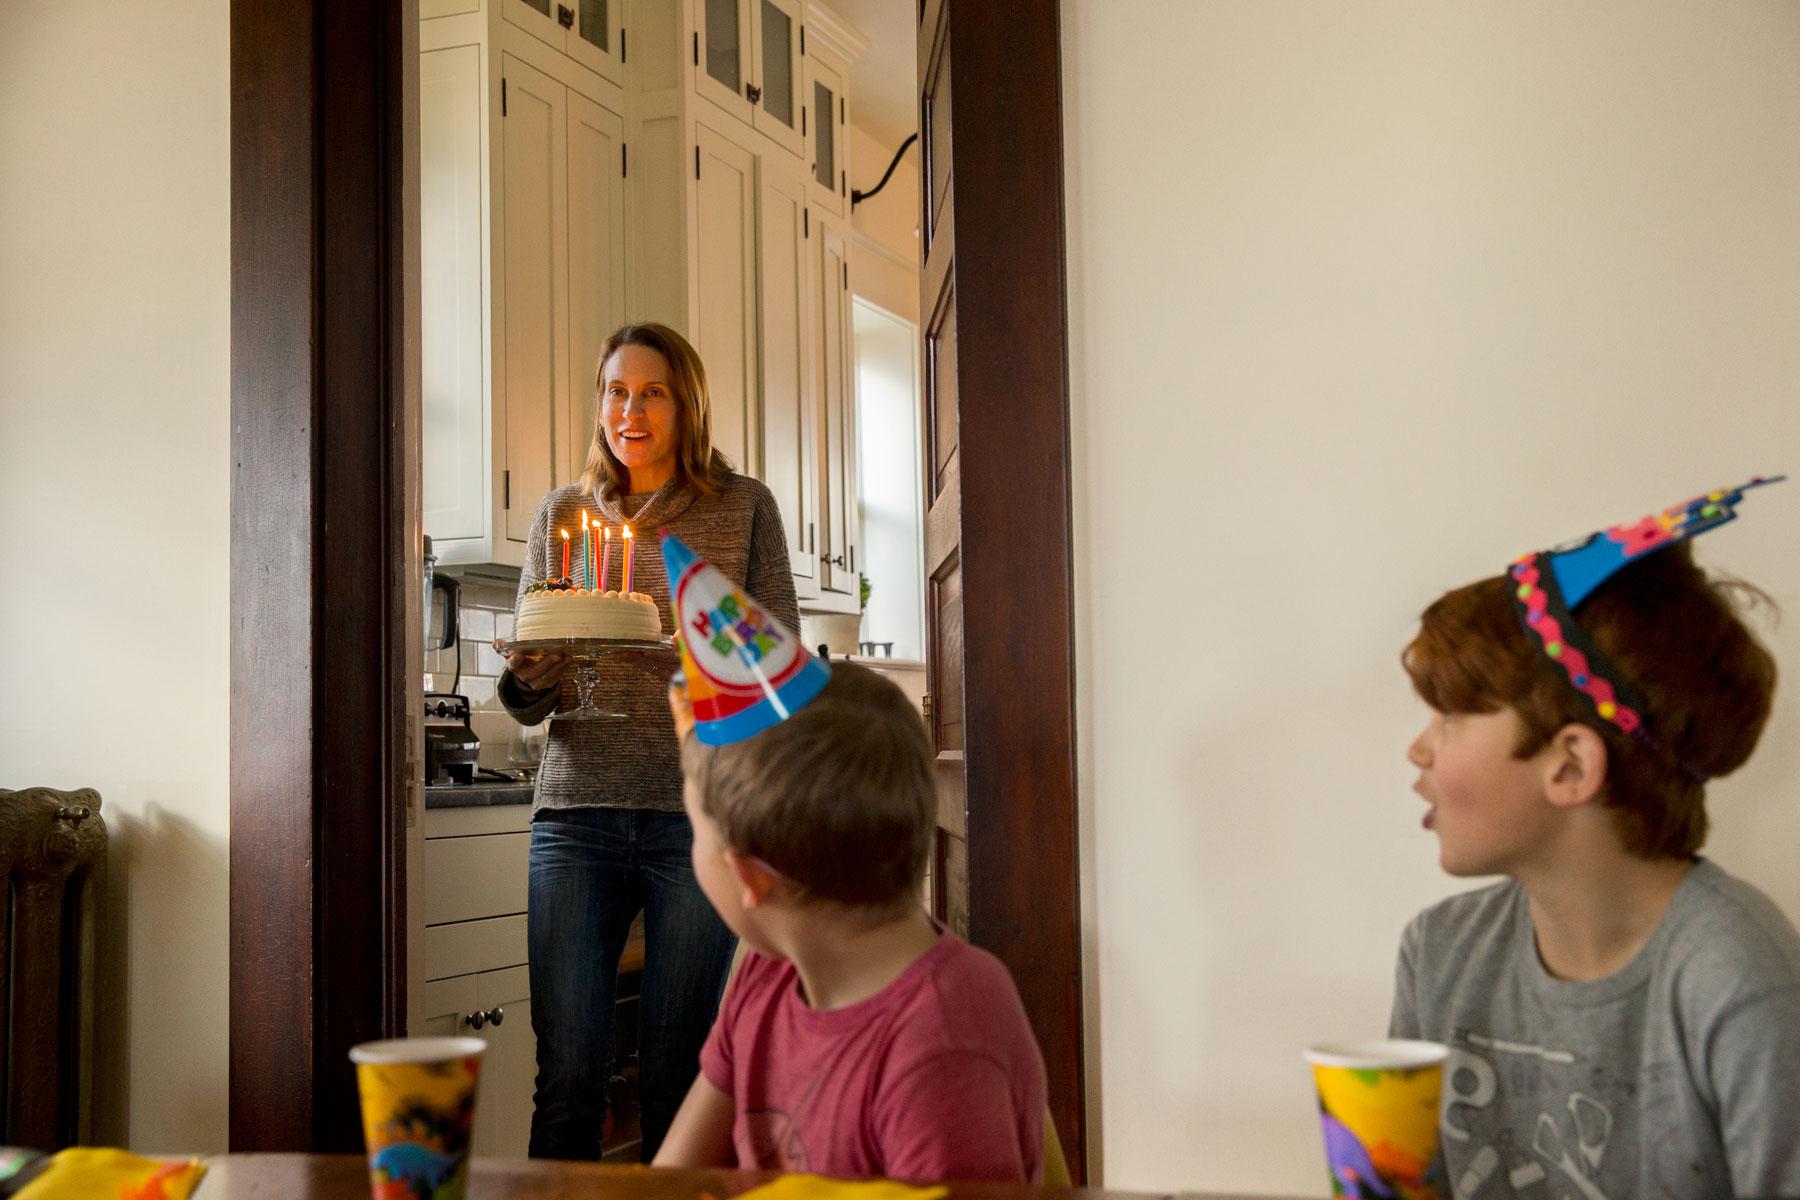 02_Birthday_Party_Mom_George_Lange_Kids.jpg